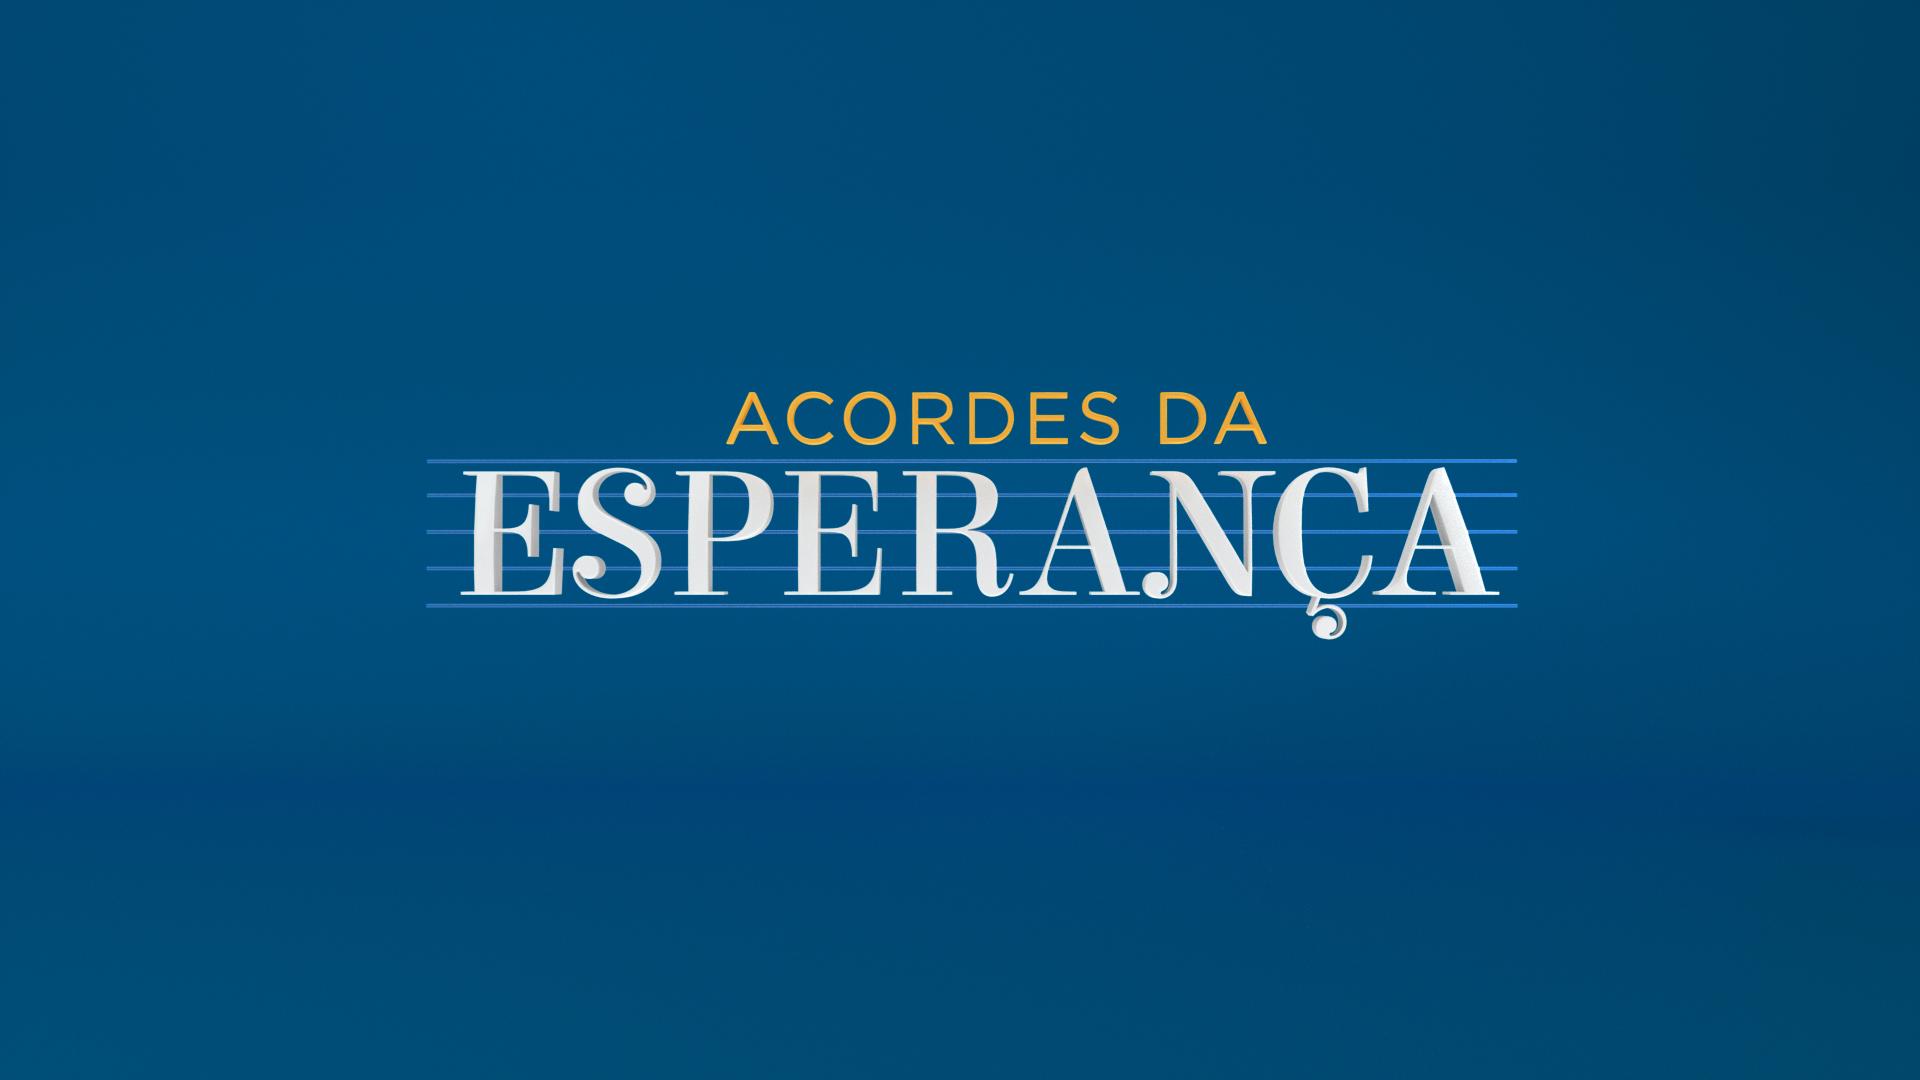 """TV Aparecida estreia neste domingo projeto musical """"Acordes da Esperança"""" 41"""